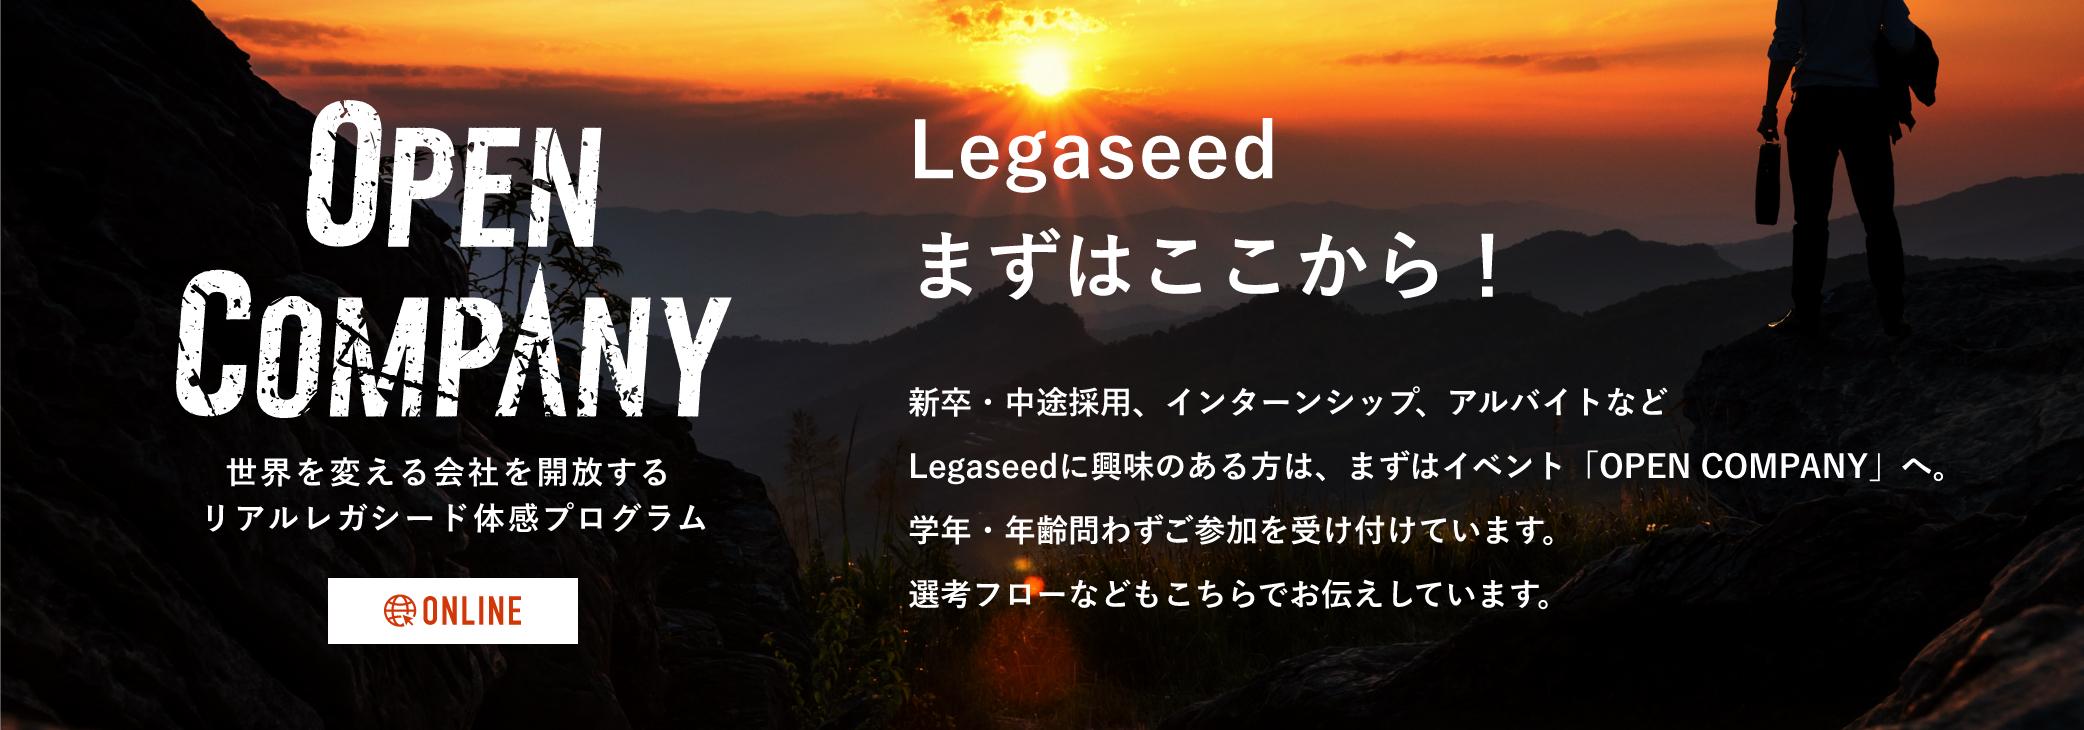 株式会社Legaseedの「OPEN COMPANY」ページへのリンク